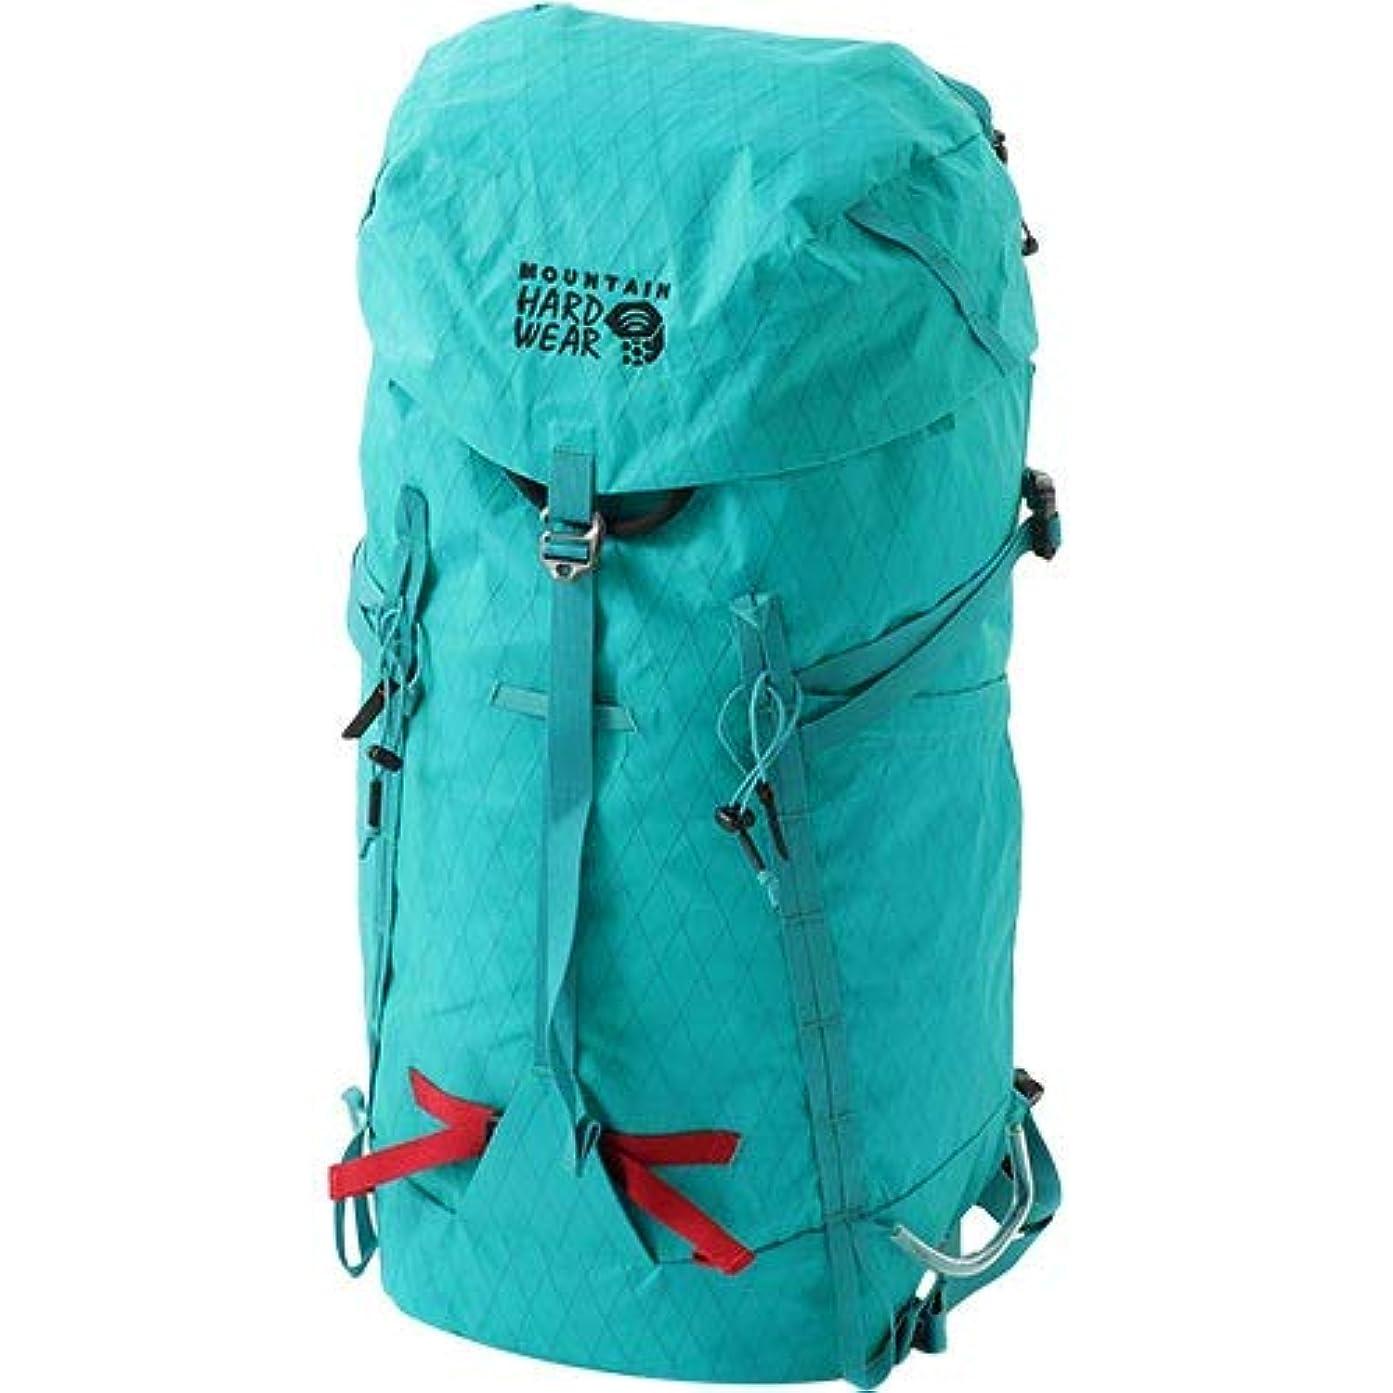 器具凍結恐れる[マウンテンハードウェア] スクランブラー25Lバックパック Scrambler 25L Backpack グレイシャーティール Rサイズ OU8268 301